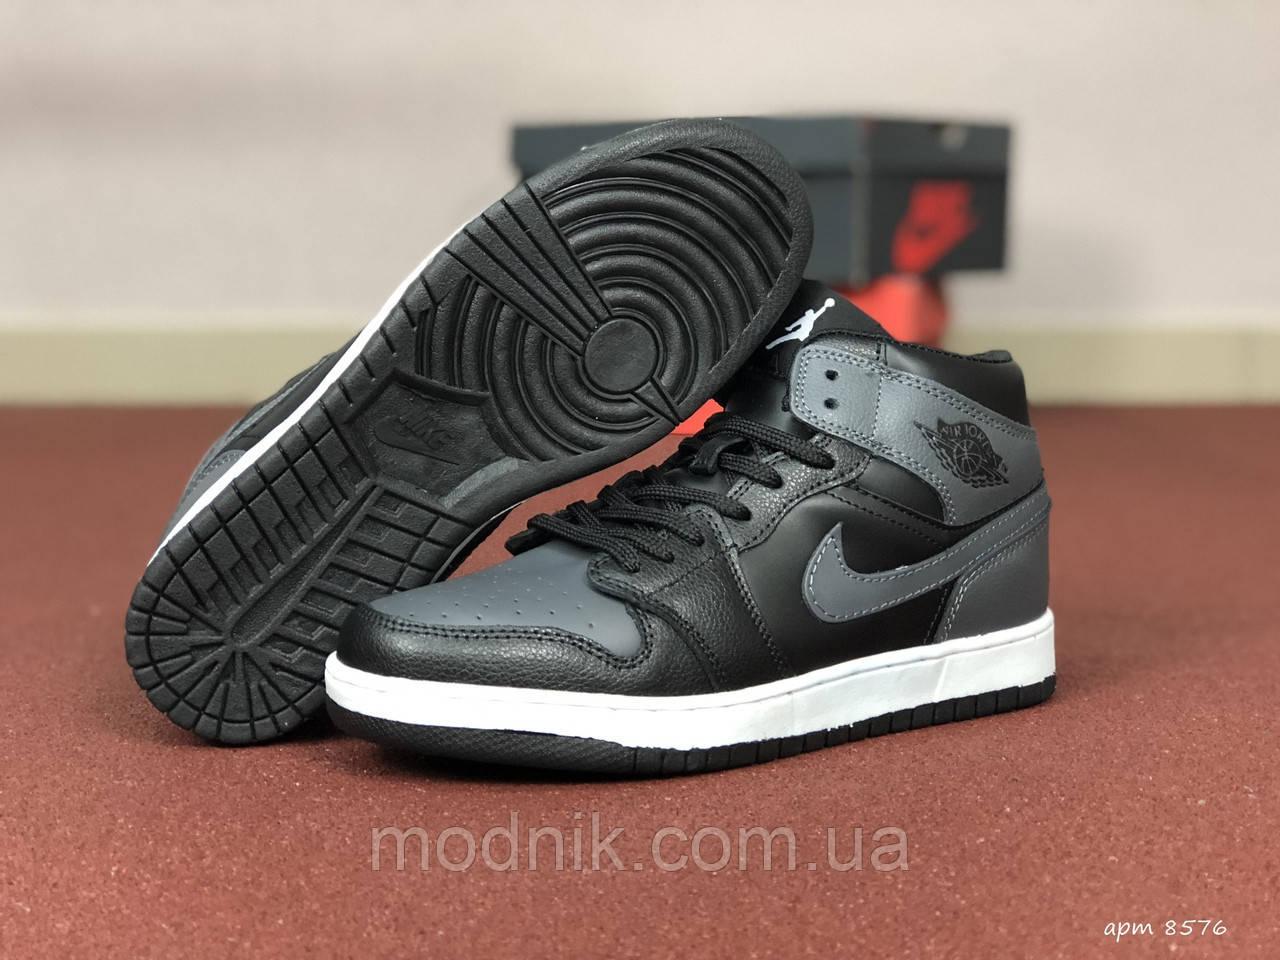 Мужские кроссовки Nike Air Jordan 1 Retro (серо-черный)